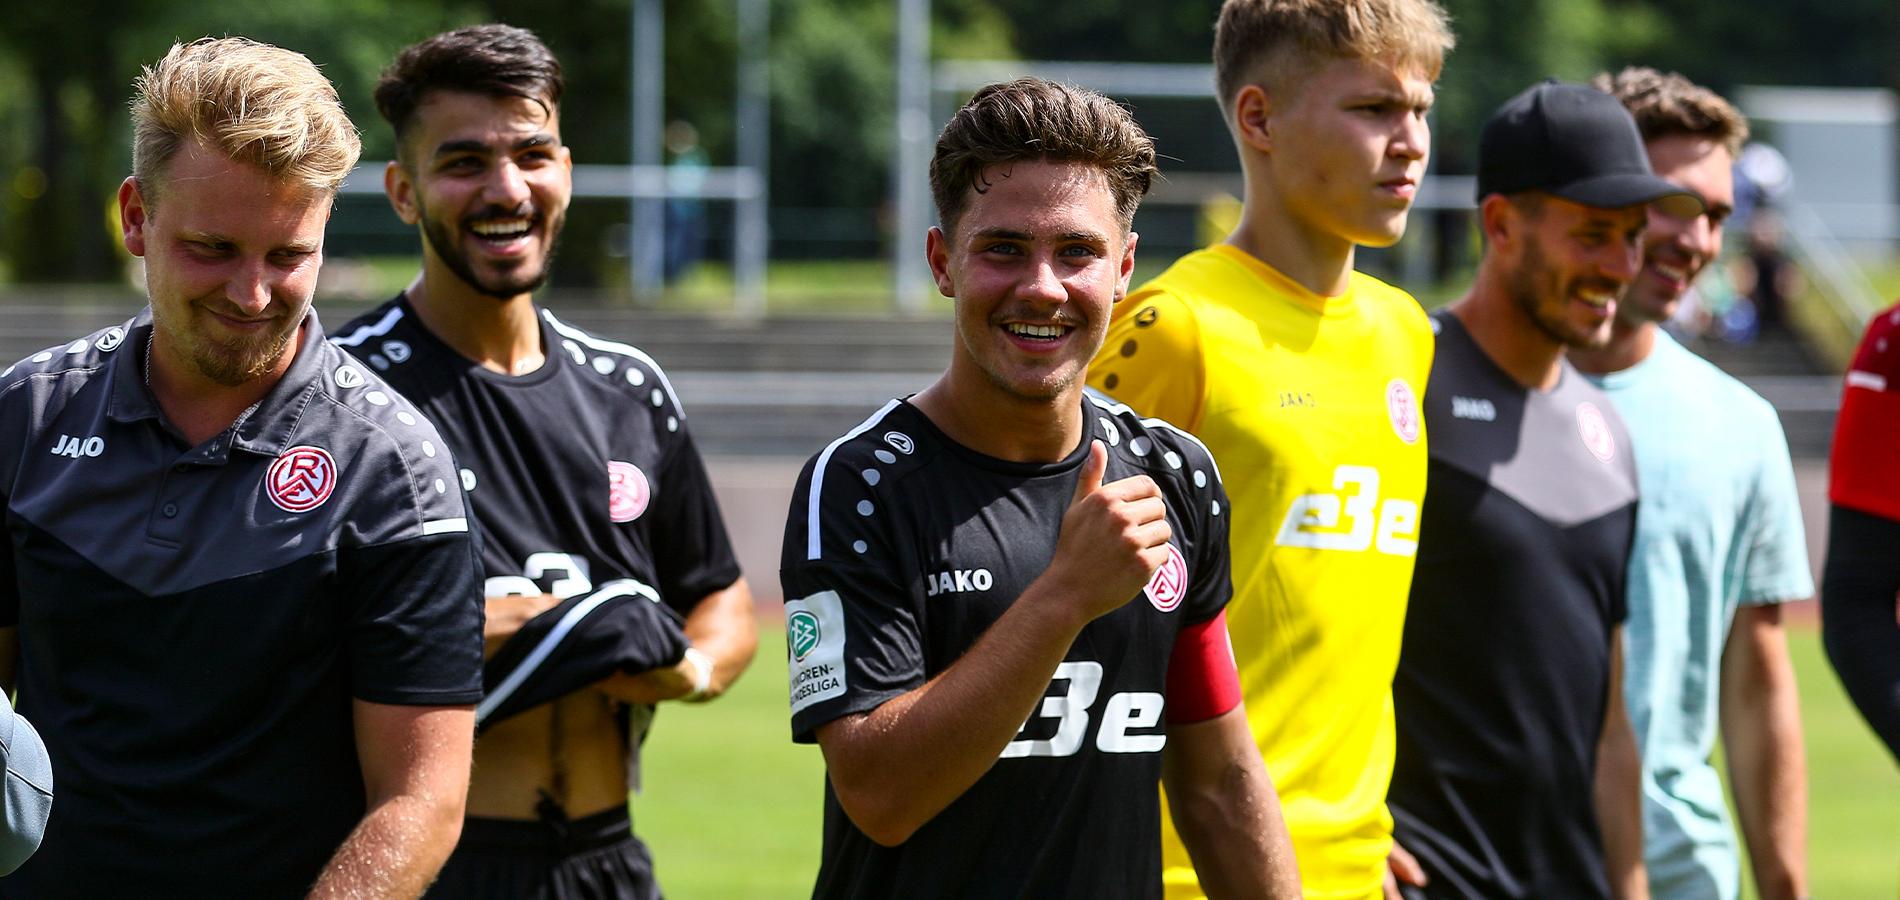 Große Freude bei U19-Kapitän Guiliano Zimmerling und seinen Mitspielern: Die A-Jugend ist vorzeitig eine Runde im NRW-Ligapokal weiter. (Foto: Breilmannswiese)